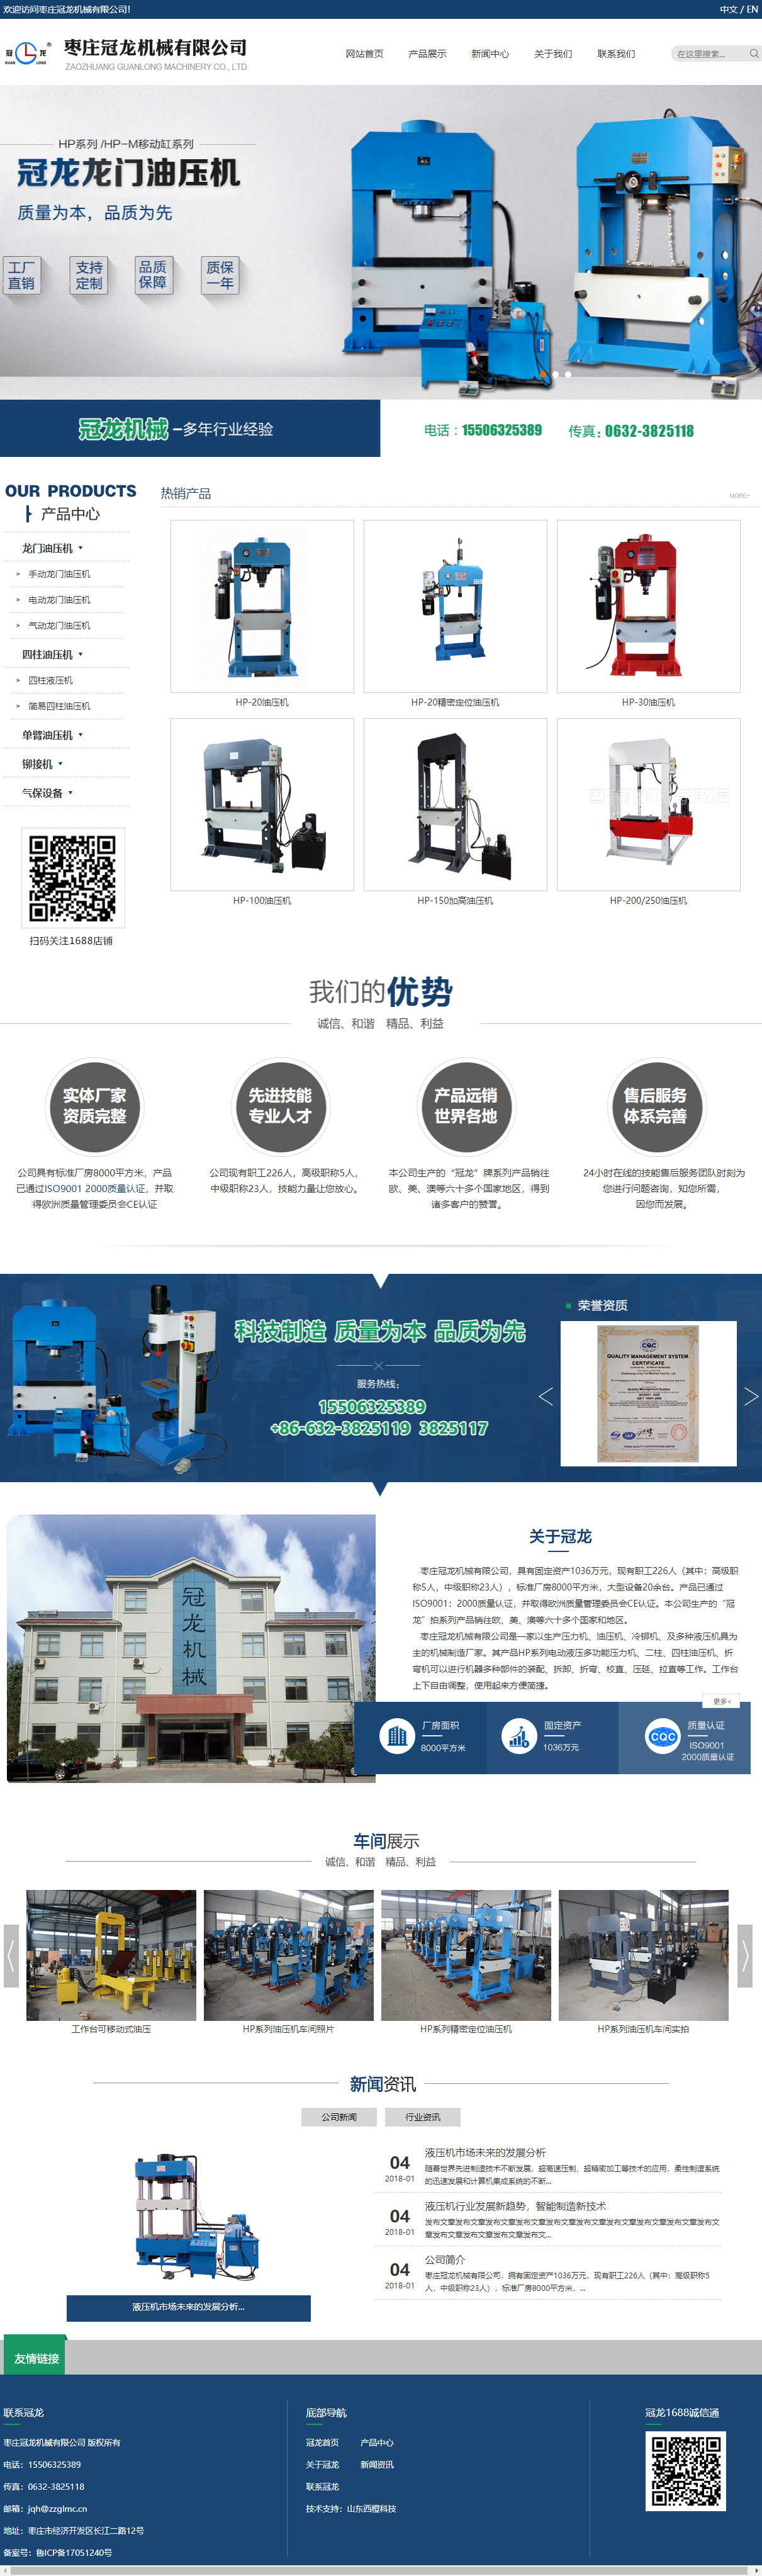 枣庄冠龙机械有限公司网站案例